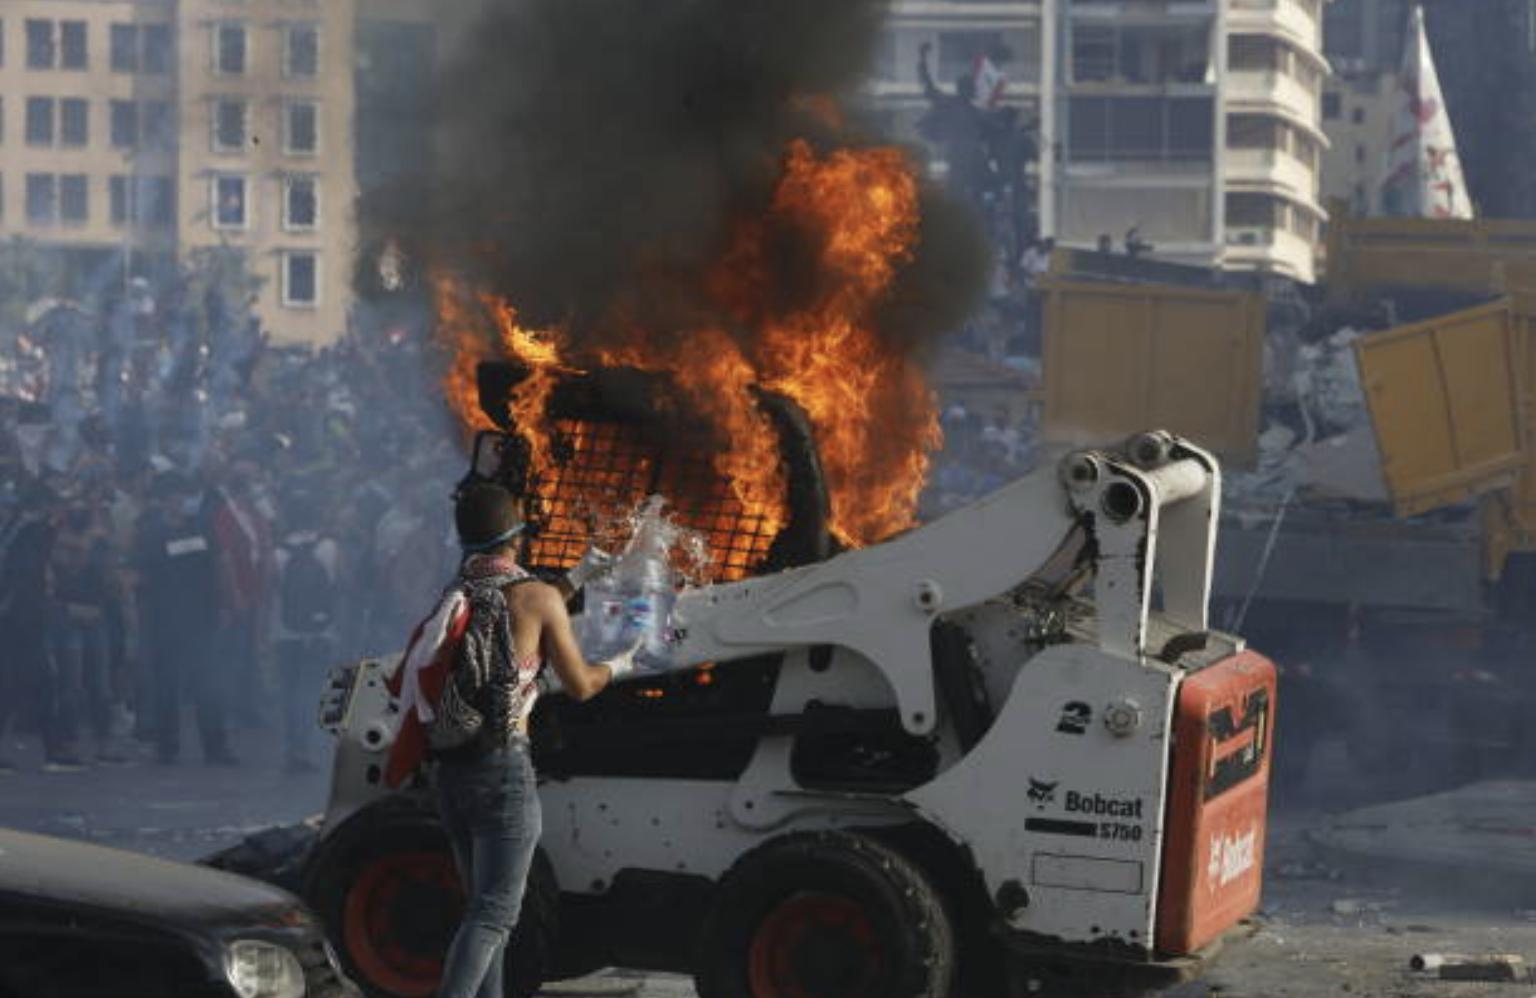 黎巴嫩民众烧毁车辆表示抗议(图片来源:Marwan Tahtah/Getty Images)